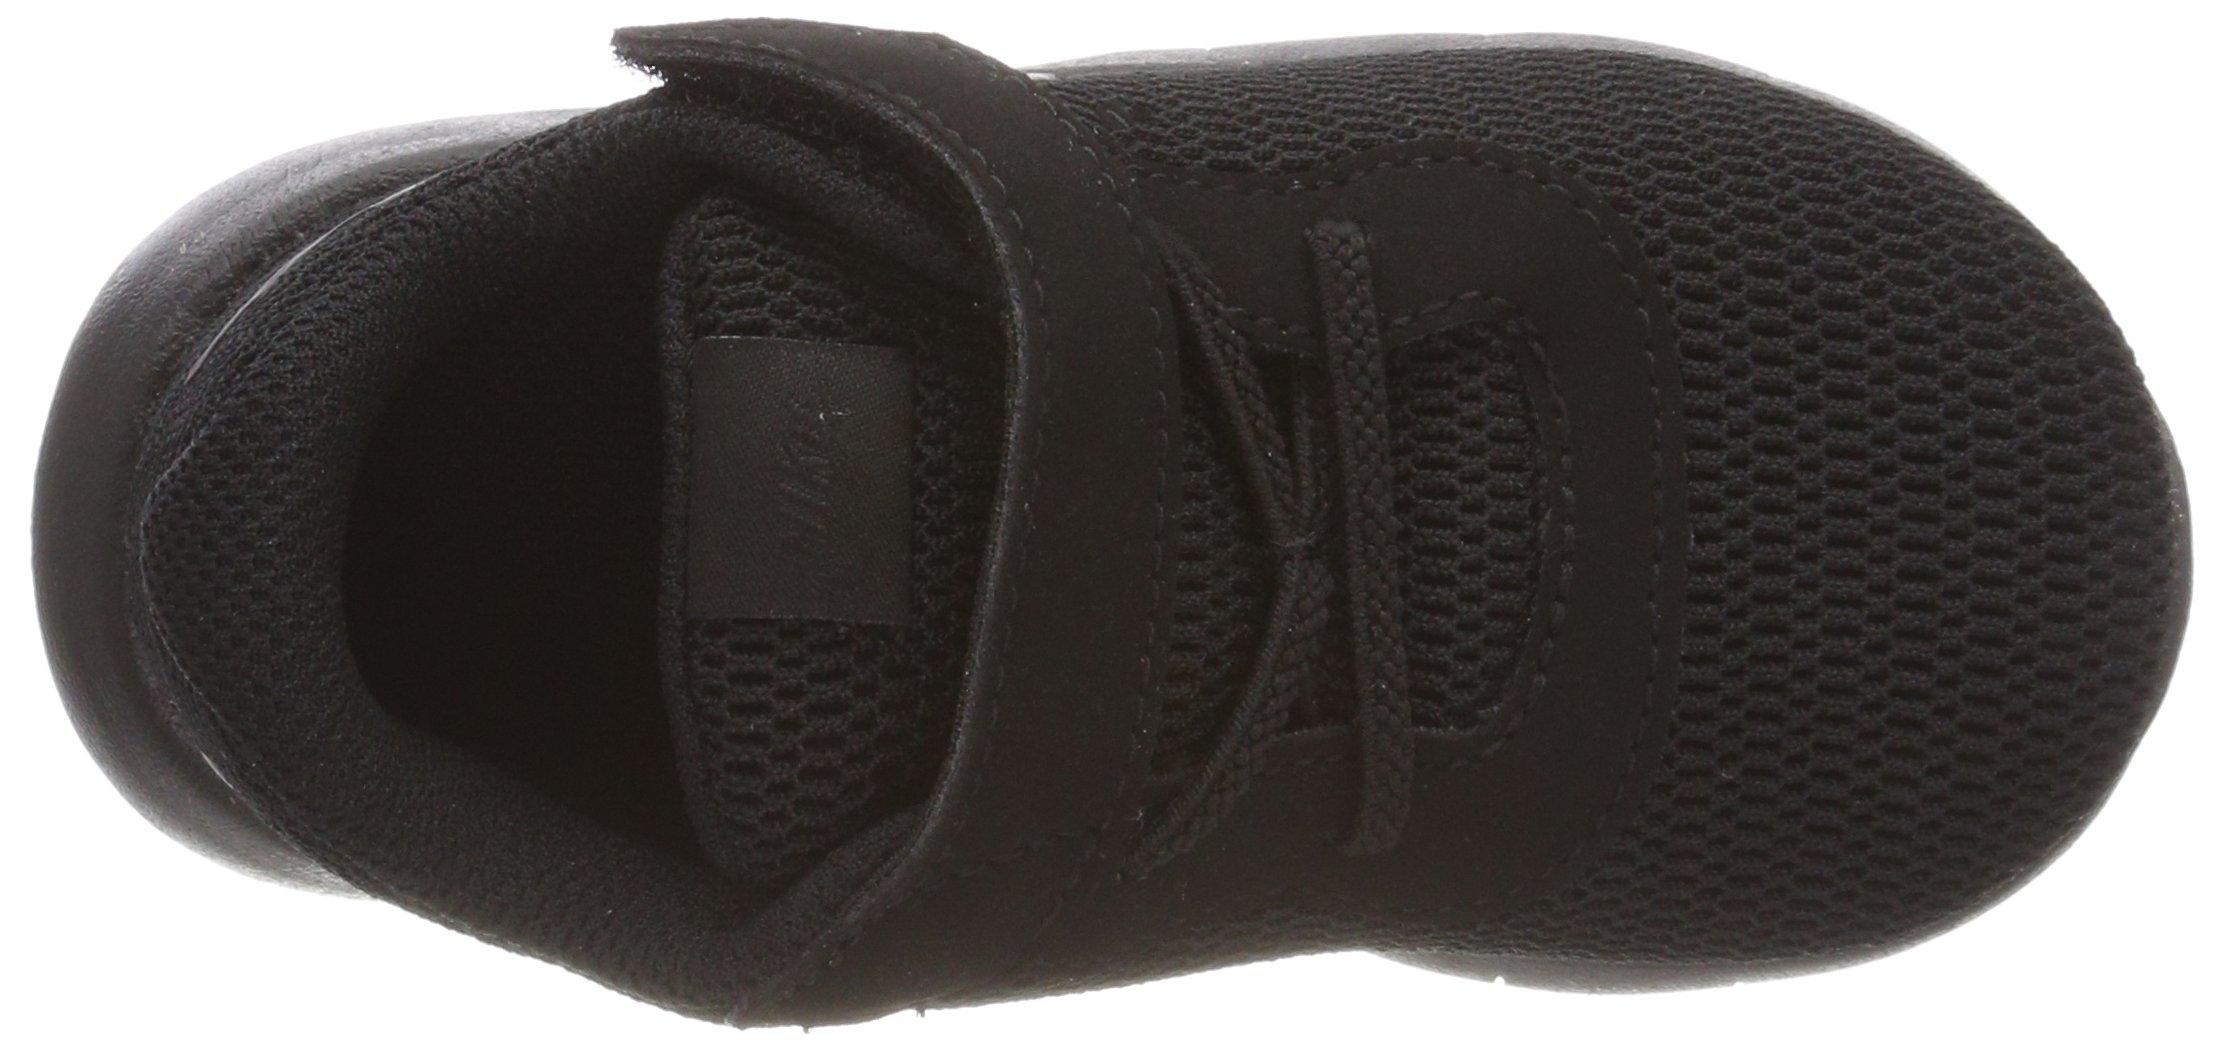 Nike Tanjun (Toddler) Black by Nike (Image #7)